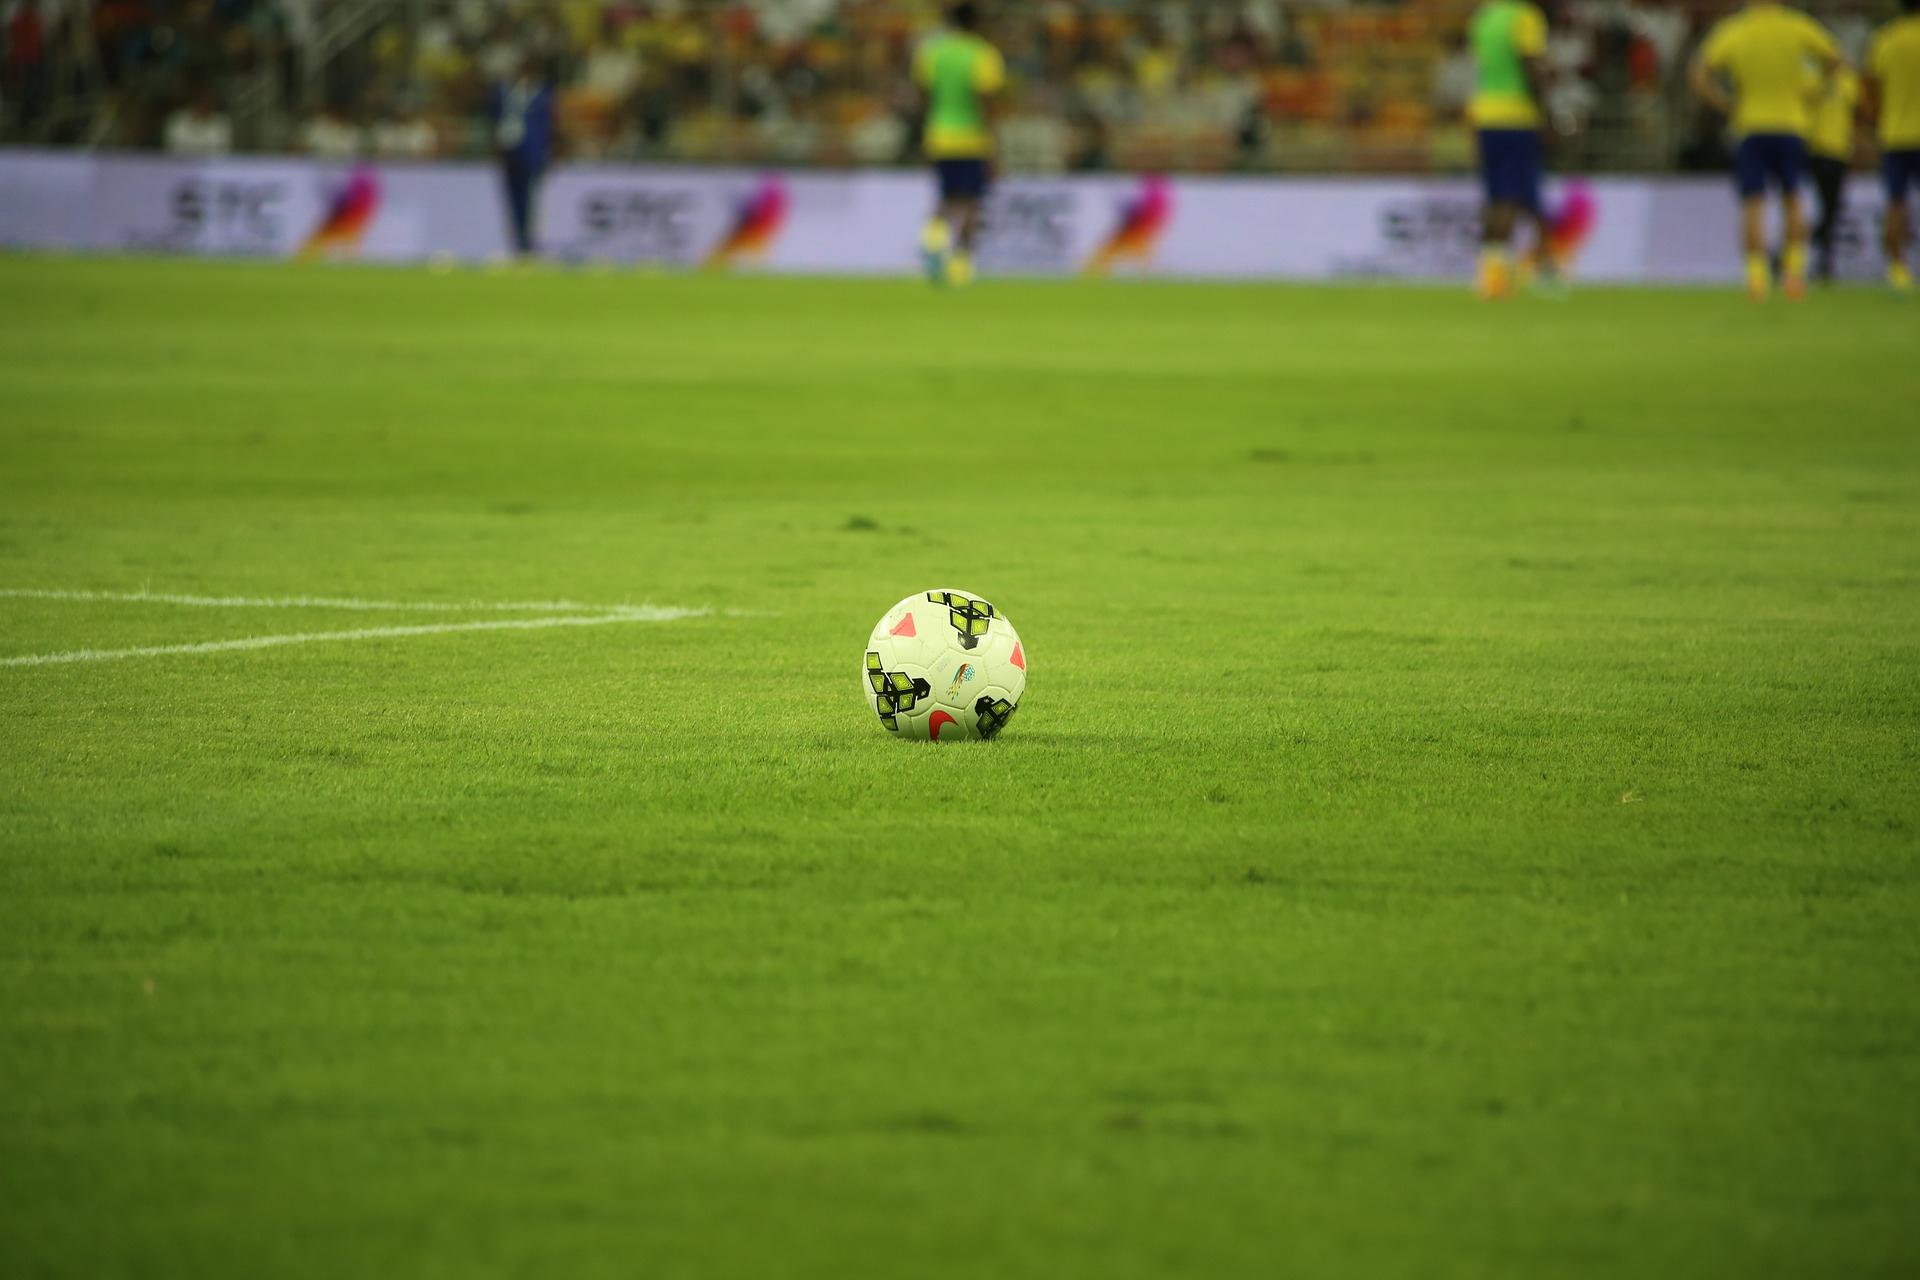 Les Clubs Portugais En Ligue Europe Battent Un Record ... avec Piscine Evreux Jean Bouin